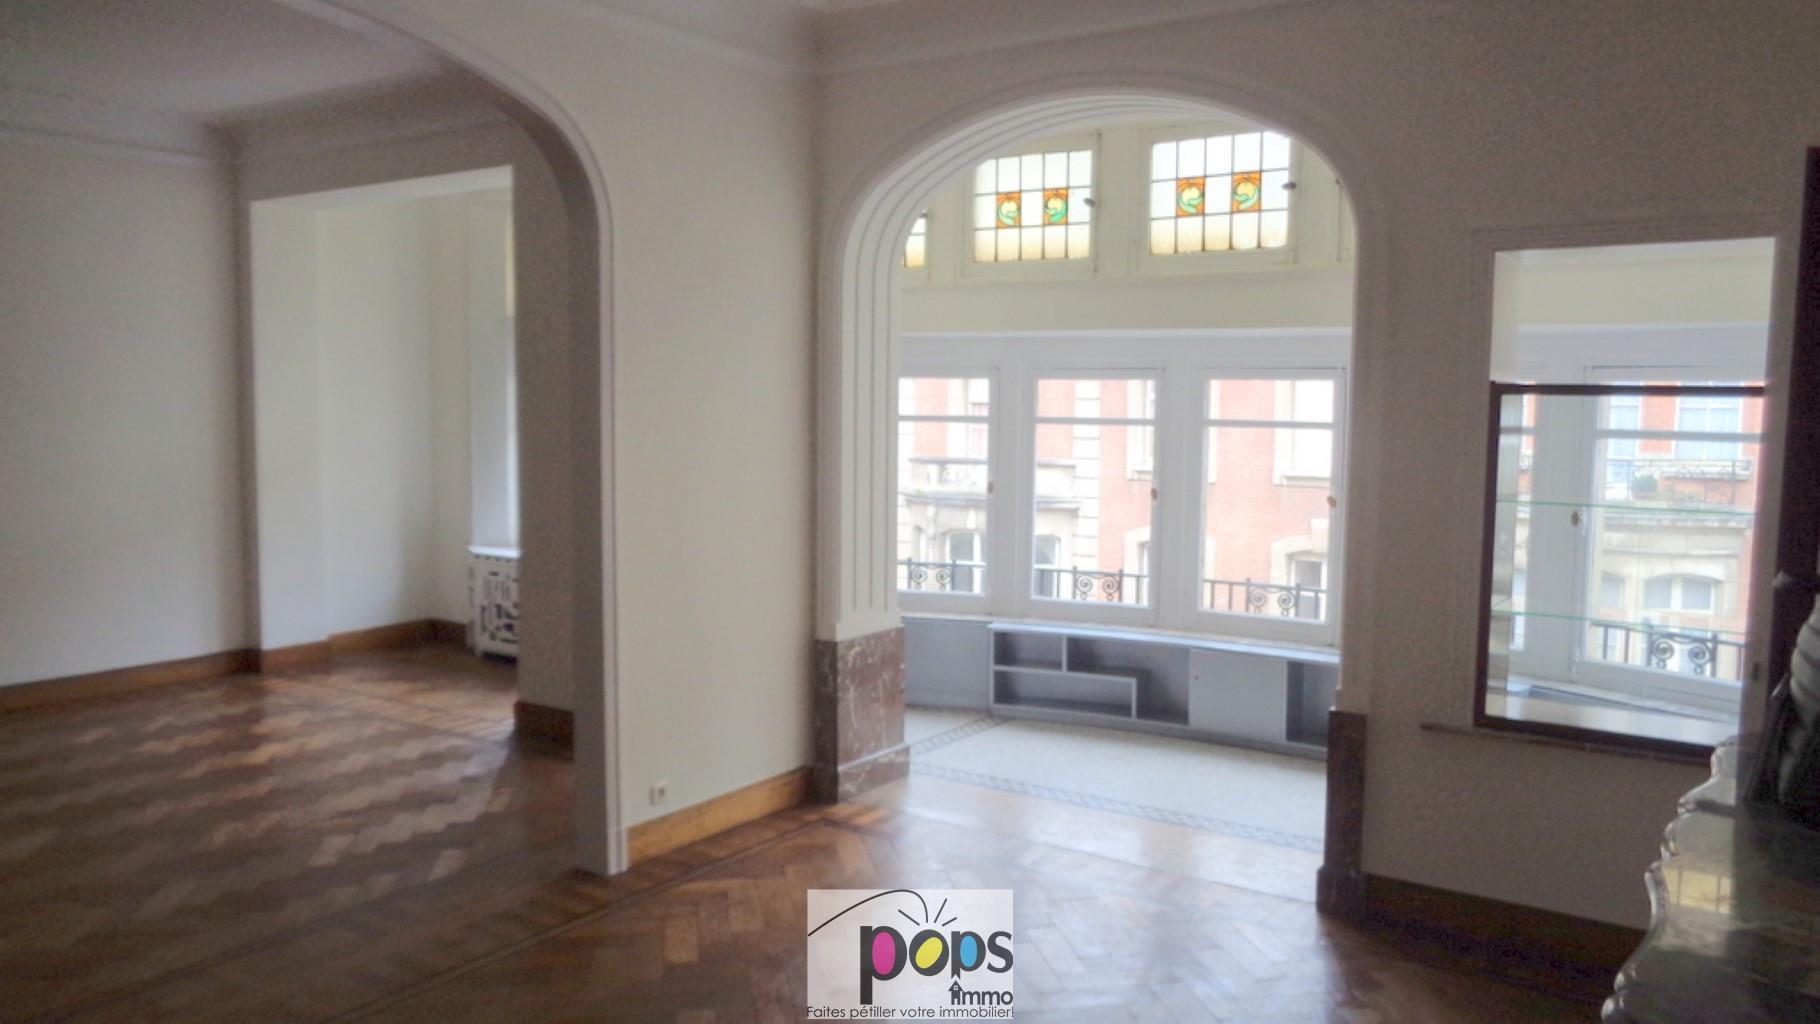 Appartement exceptionnel - Bruxelles - #4307954-6